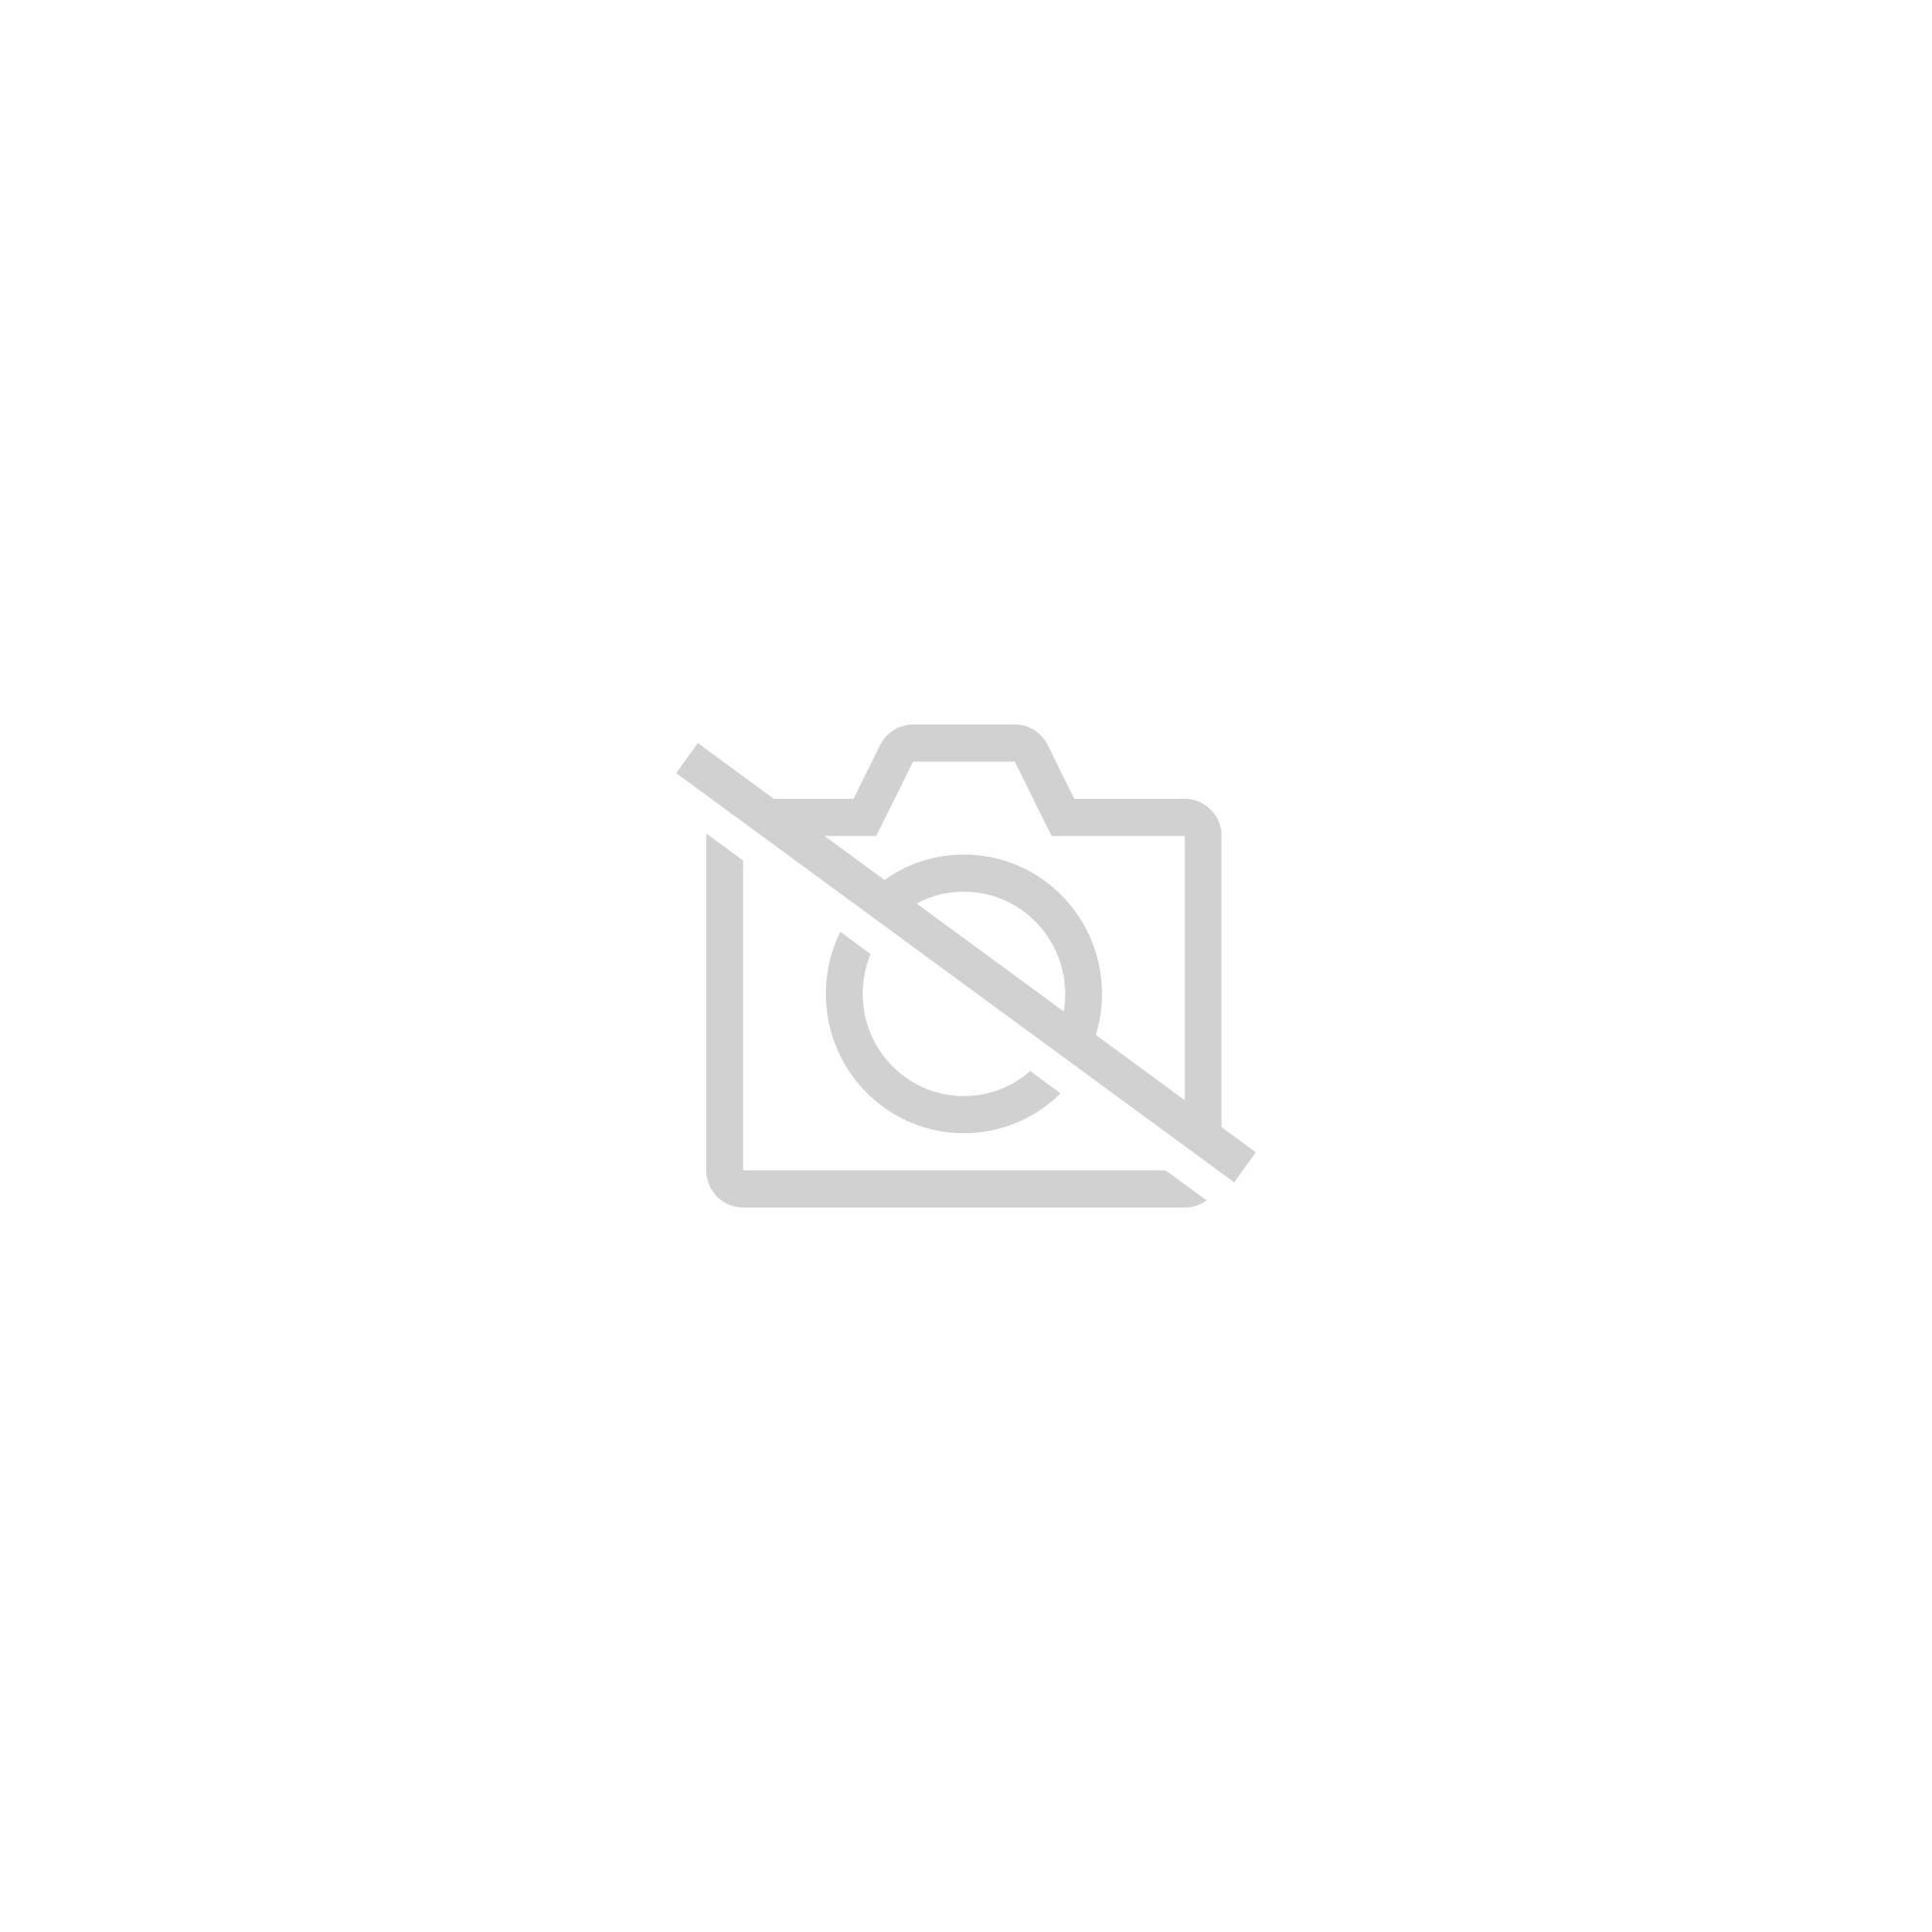 0.87 ''Oled Montre Intelligente Pression Artérielle/Moniteur De Fréquence Cardiaque Fitness Bracelet Android Ios Smart Band Bracelet Bluetooth Smartwatch